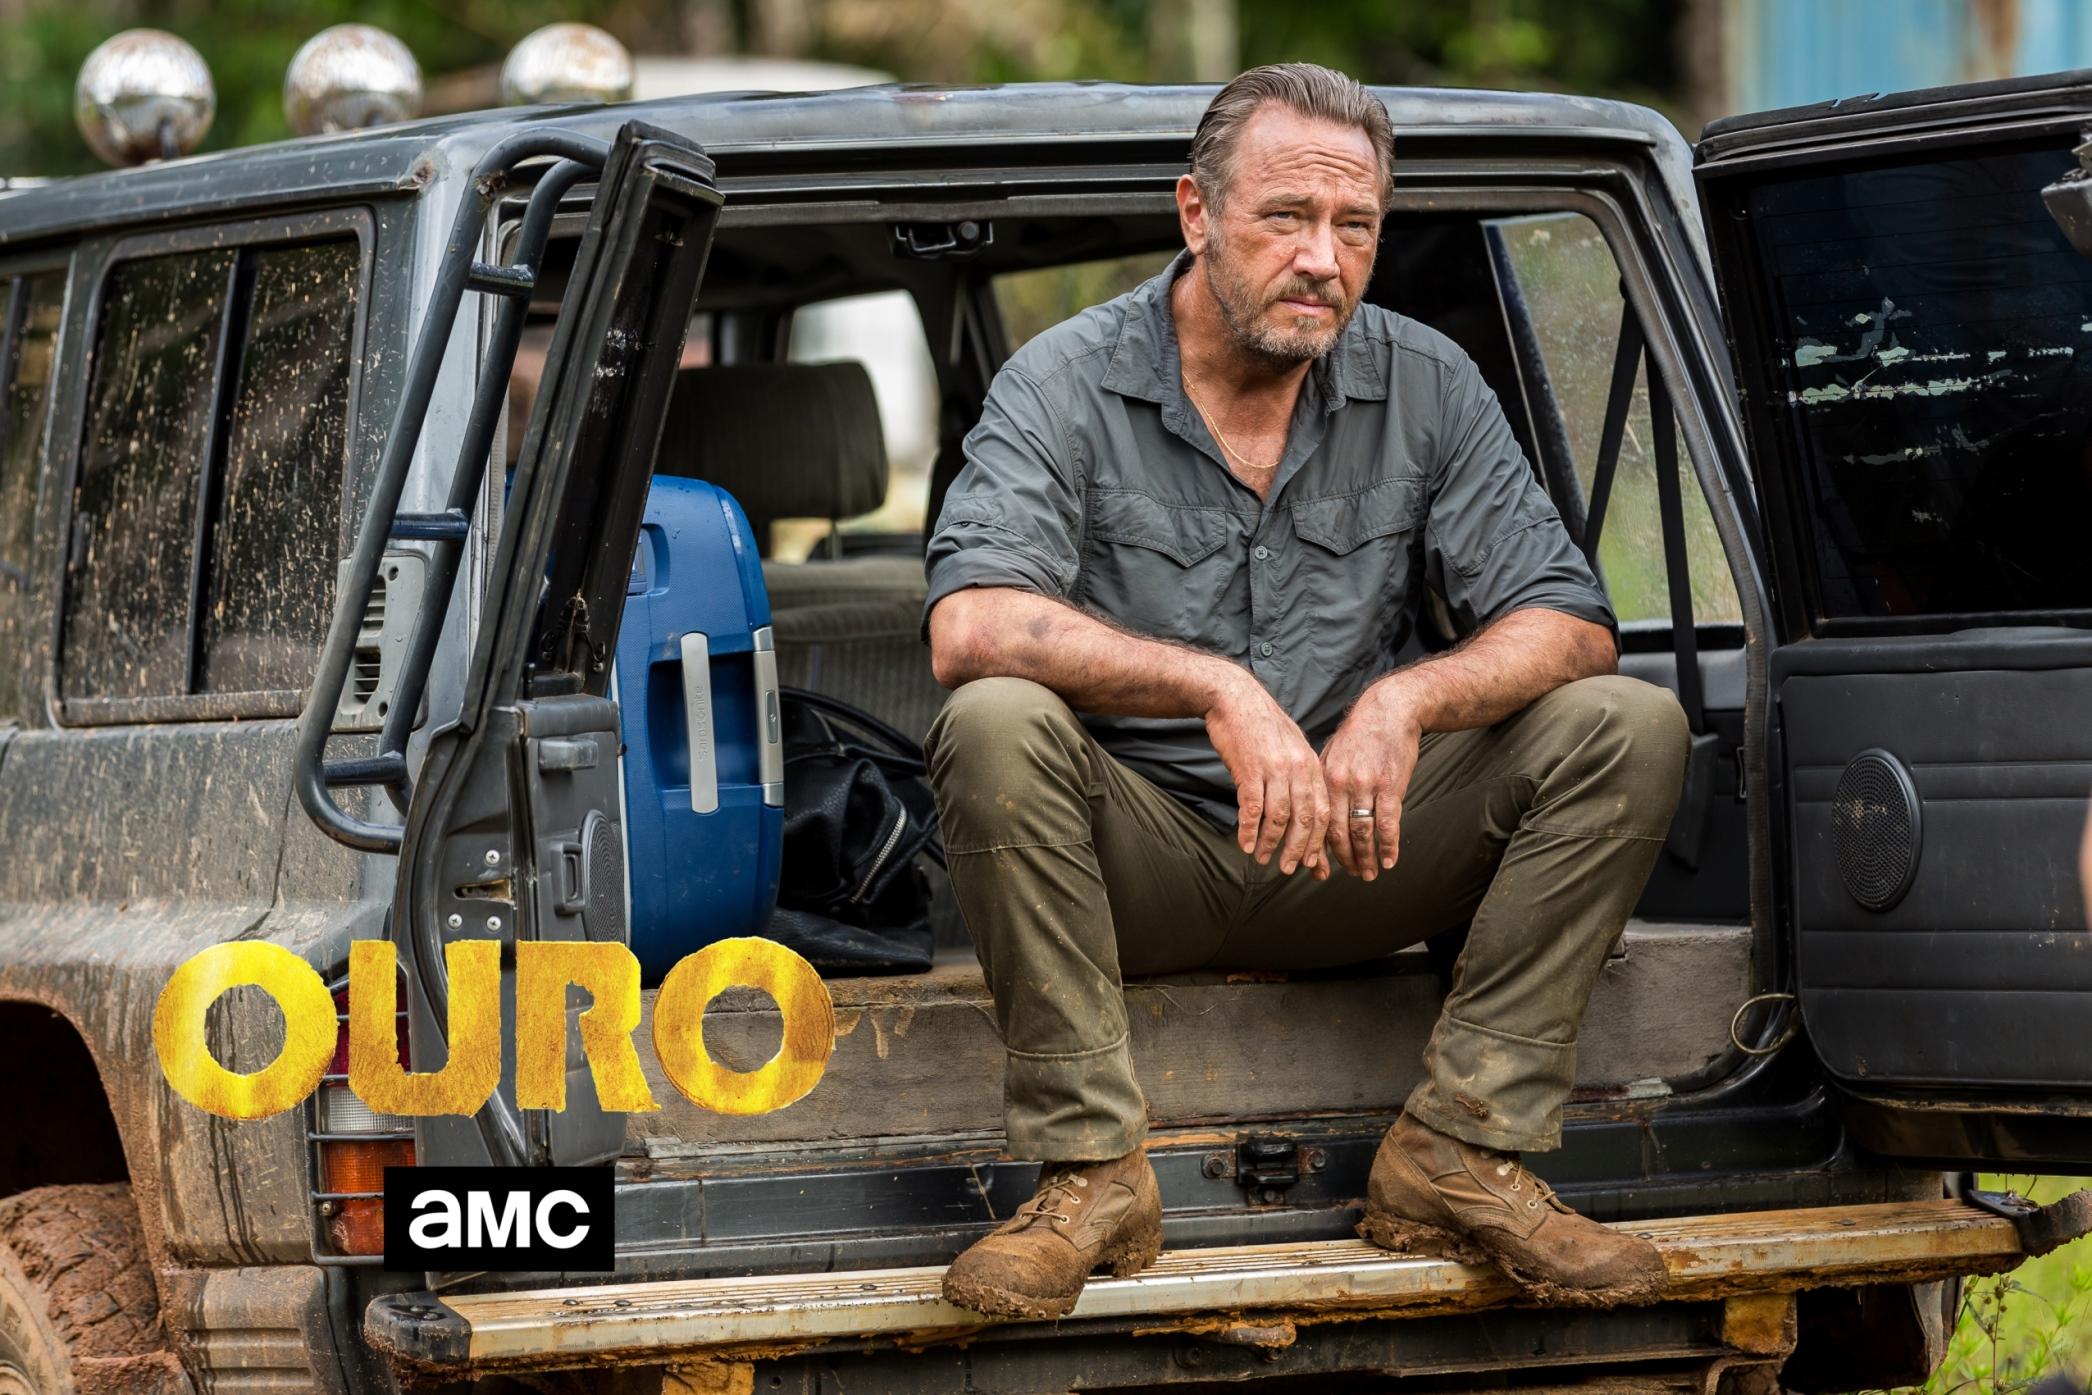 Ouro T2 Amc Amc Estreia Em Exclusivo Segunda Temporada De &Quot;Ouro&Quot;